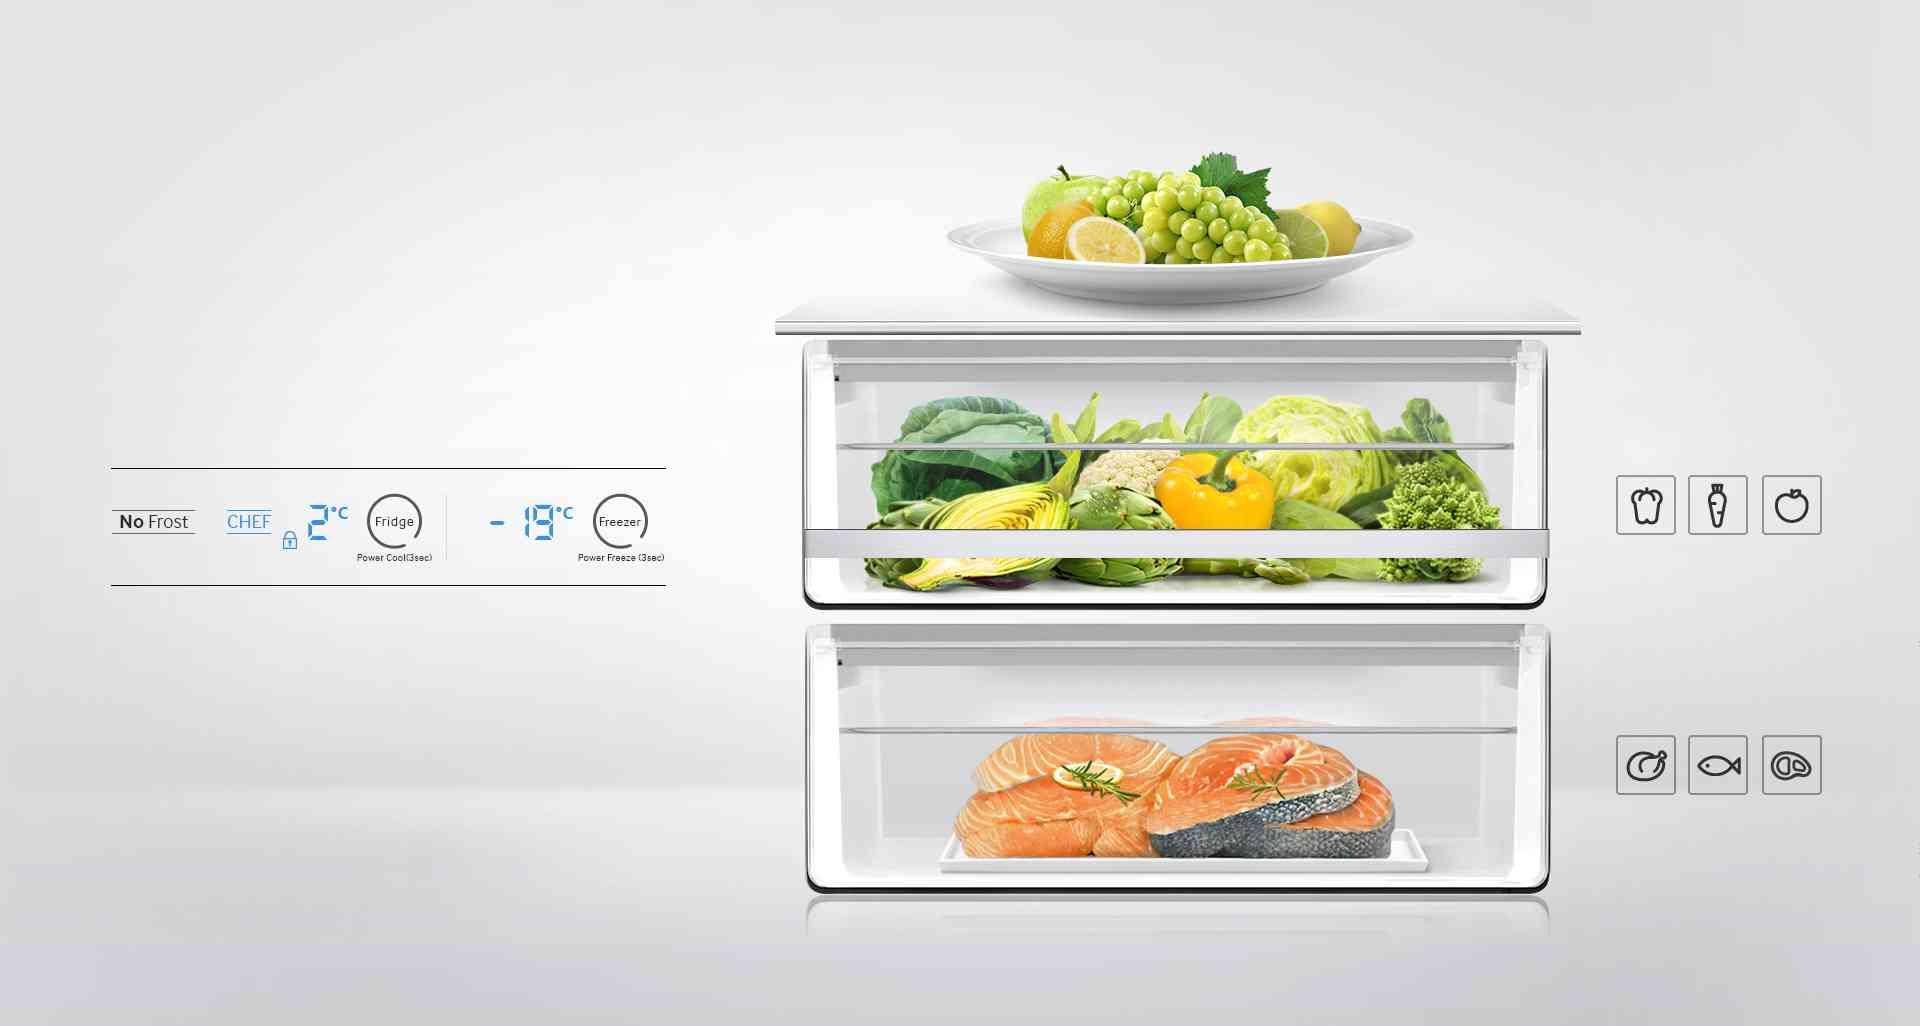 frigorifico samsung - apartados